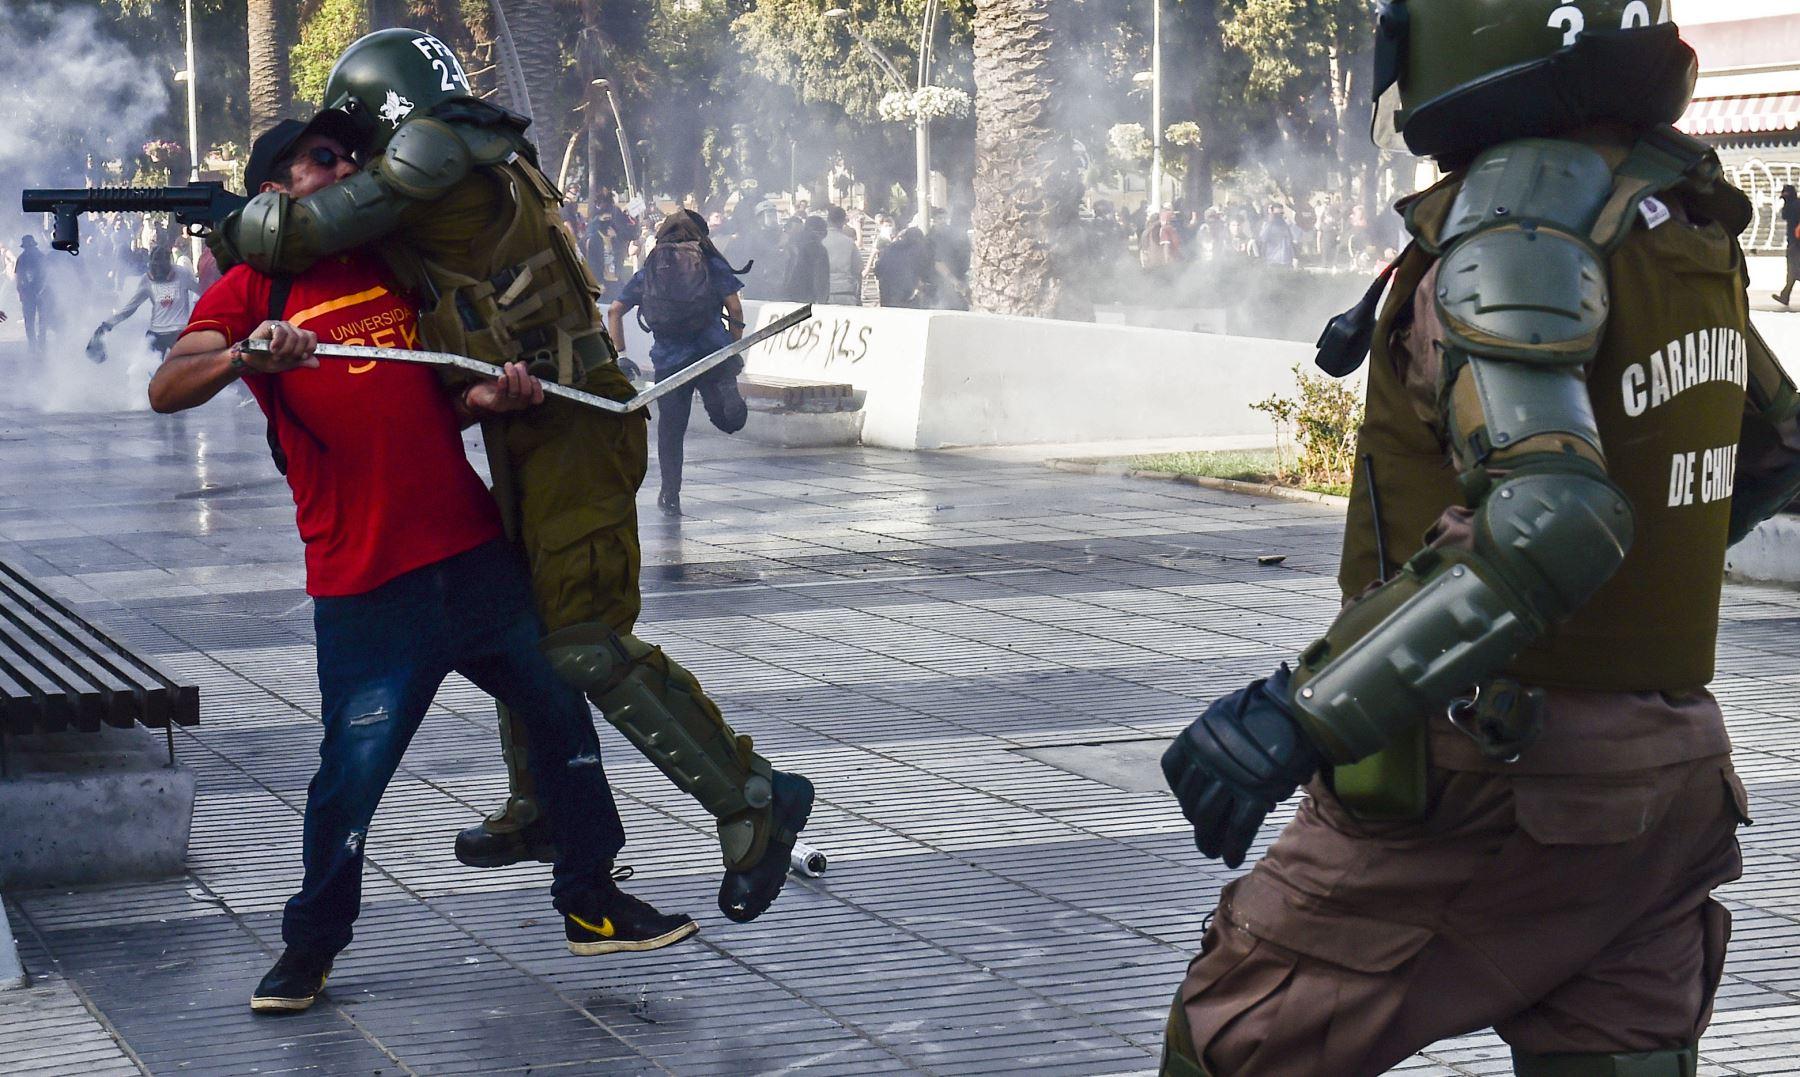 Un manifestante se enfrenta con la policía durante una protesta contra el gobierno del presidente chileno Sebastián Piñera en Viña del Mar. AFP